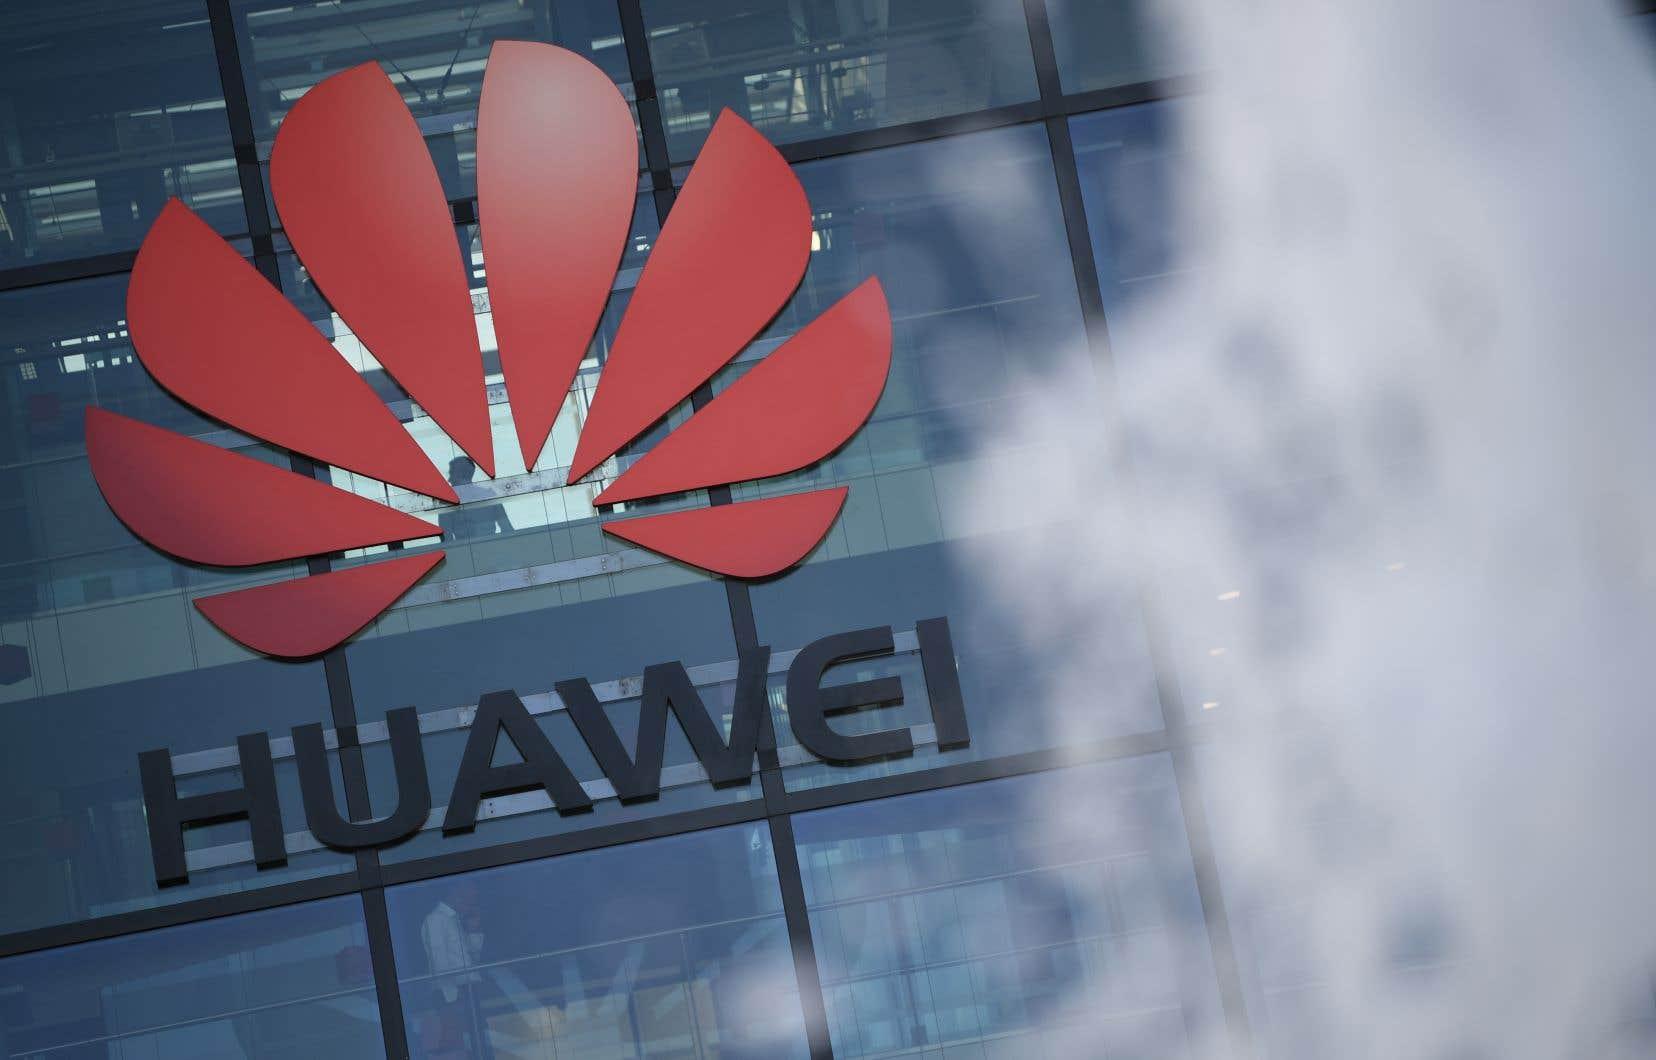 Le secrétaire américain à la Justice, William Barr, a suggéré jeudi que son pays prenne le contrôle des équipementiers de télécommunications européens Nokia et Ericsson pour bloquer l'avancée de Huawei sur l'autoroute du 5G.